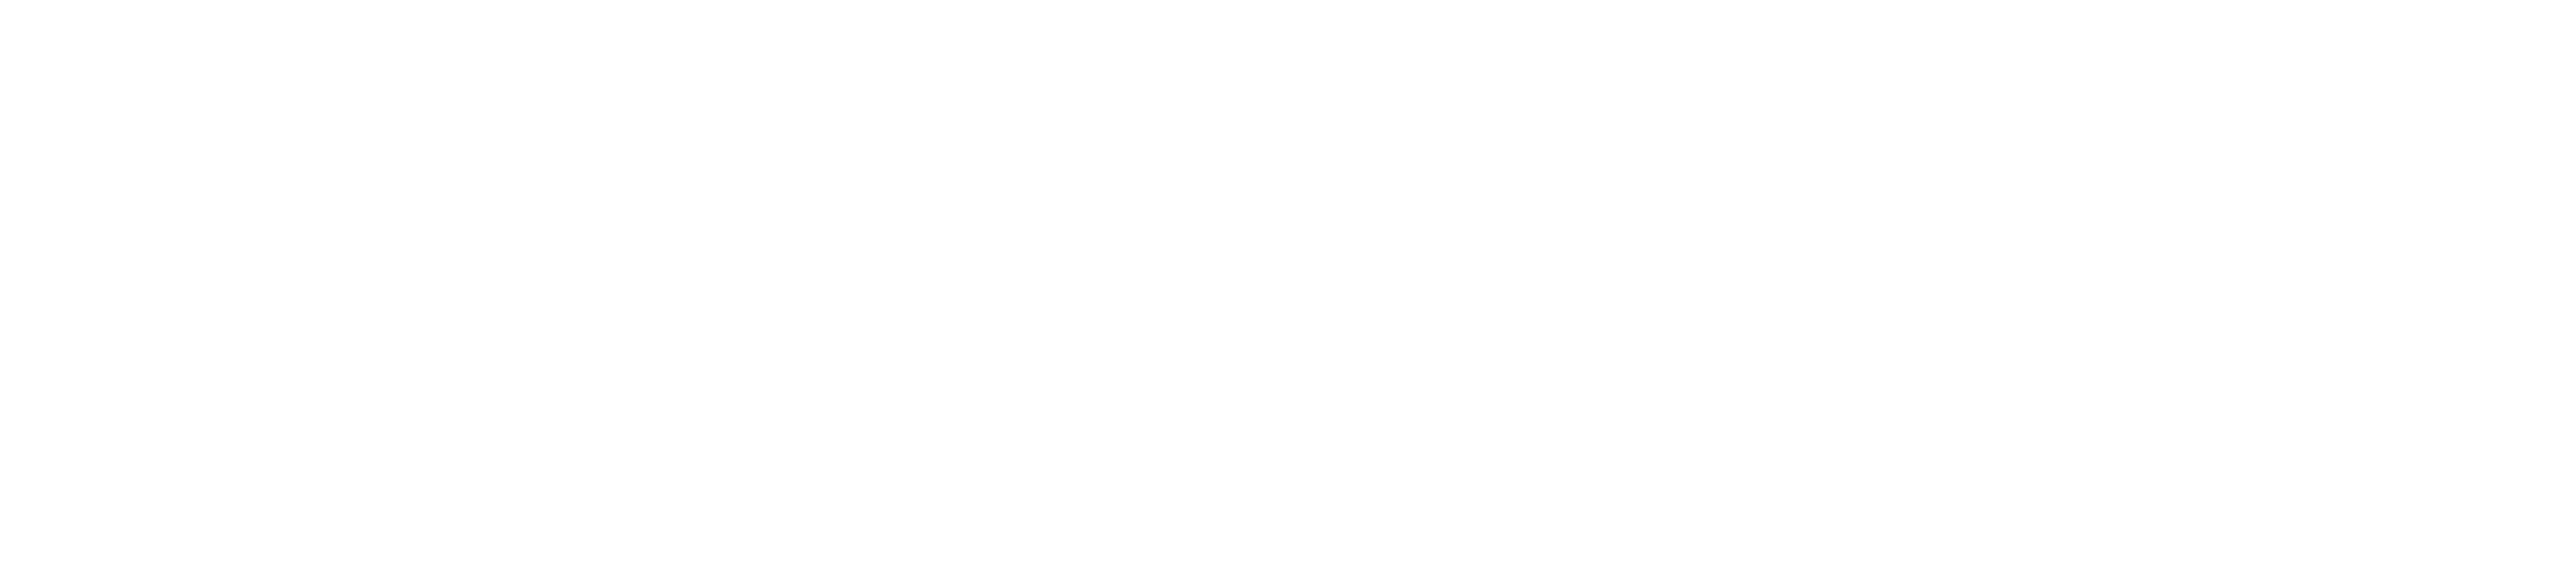 Pencil Speech